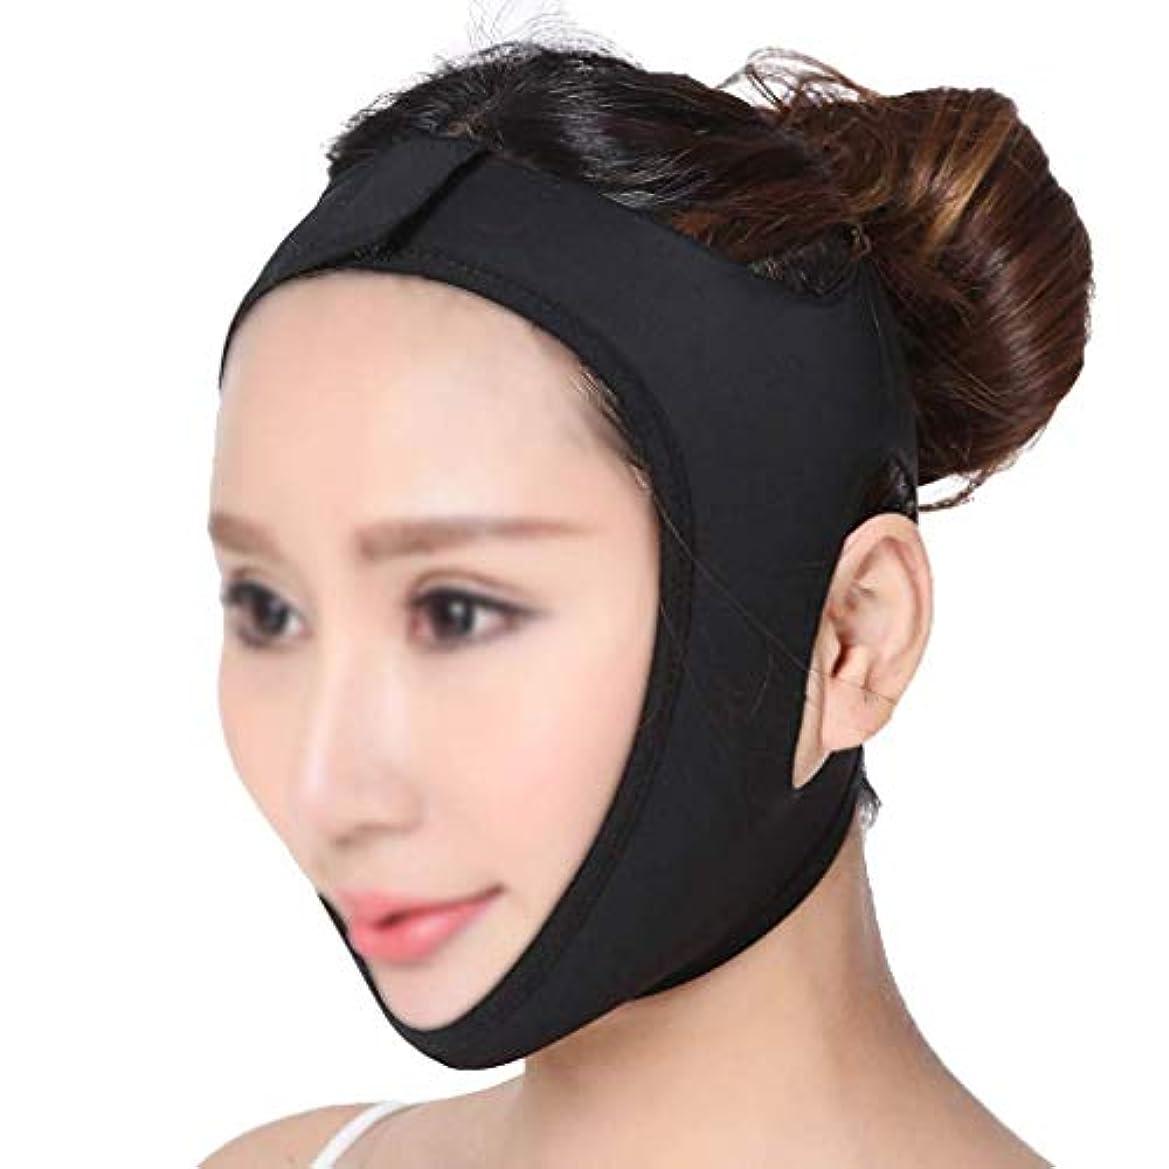 供給カニ膜引き締めフェイスマスク、フェイスリフトマスクフェイシャルマッサージャーVフェイスバンデージ薄いフェイスマスクフェイシャルリフティングファーミングフェイスインストゥルメントフェイス付き小顔ブラックフェイスマスク(サイズ:M)